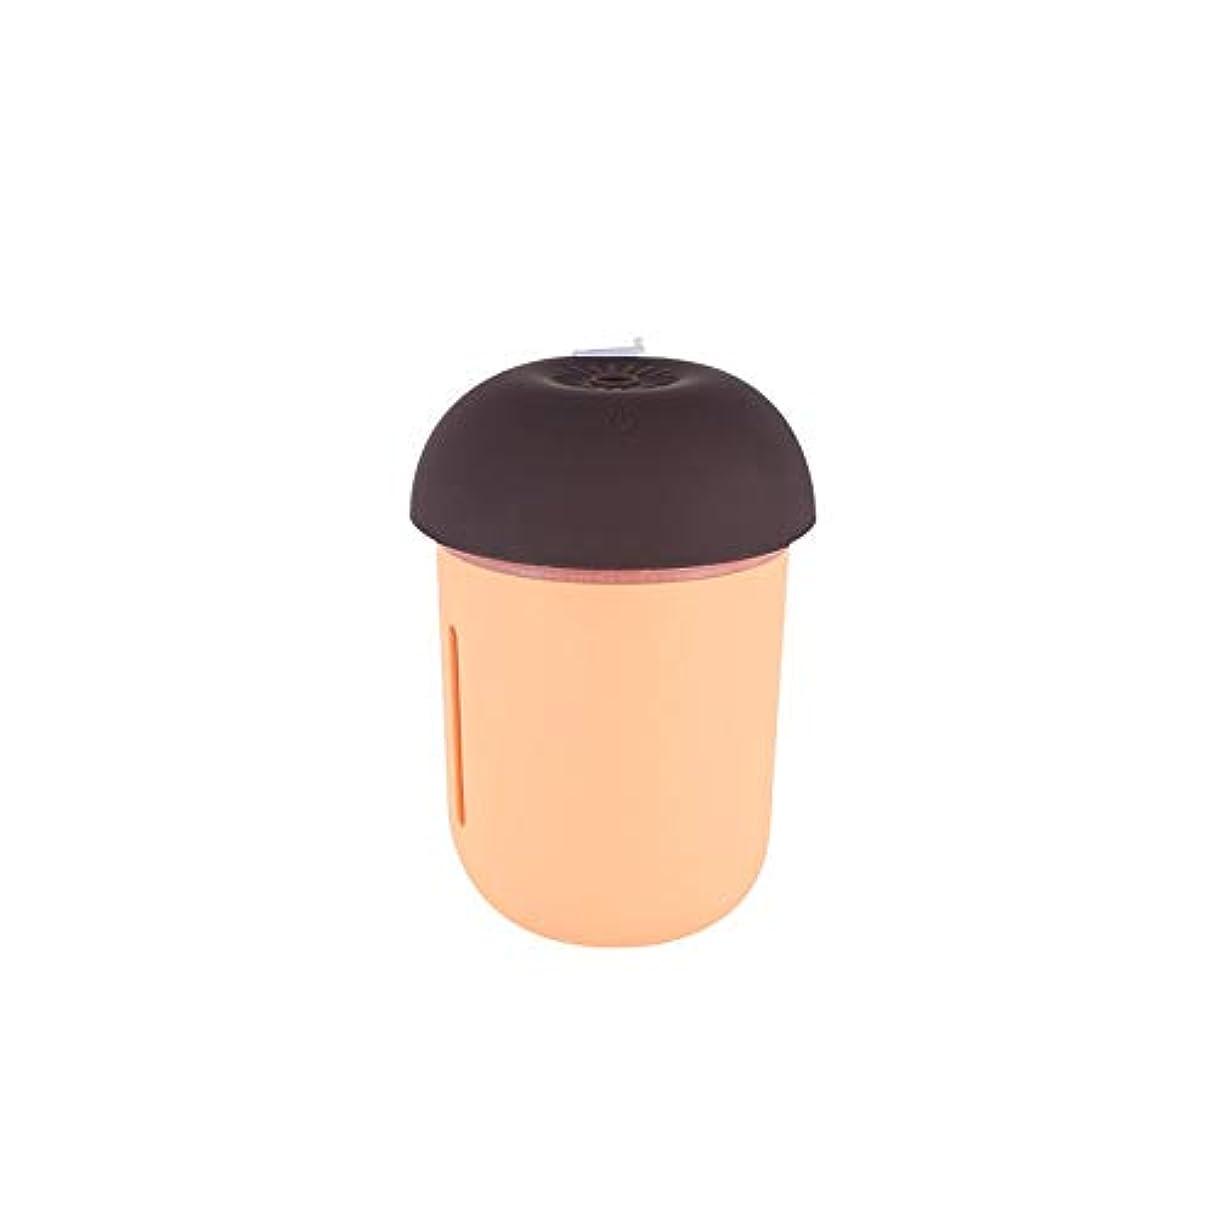 退院犬平方ZXF 新しいクリエイティブusb充電車の空気清浄機多機能水道メーターファンナイトライトスリーインワンきのこ加湿器オレンジピンク 滑らかである (色 : Orange)